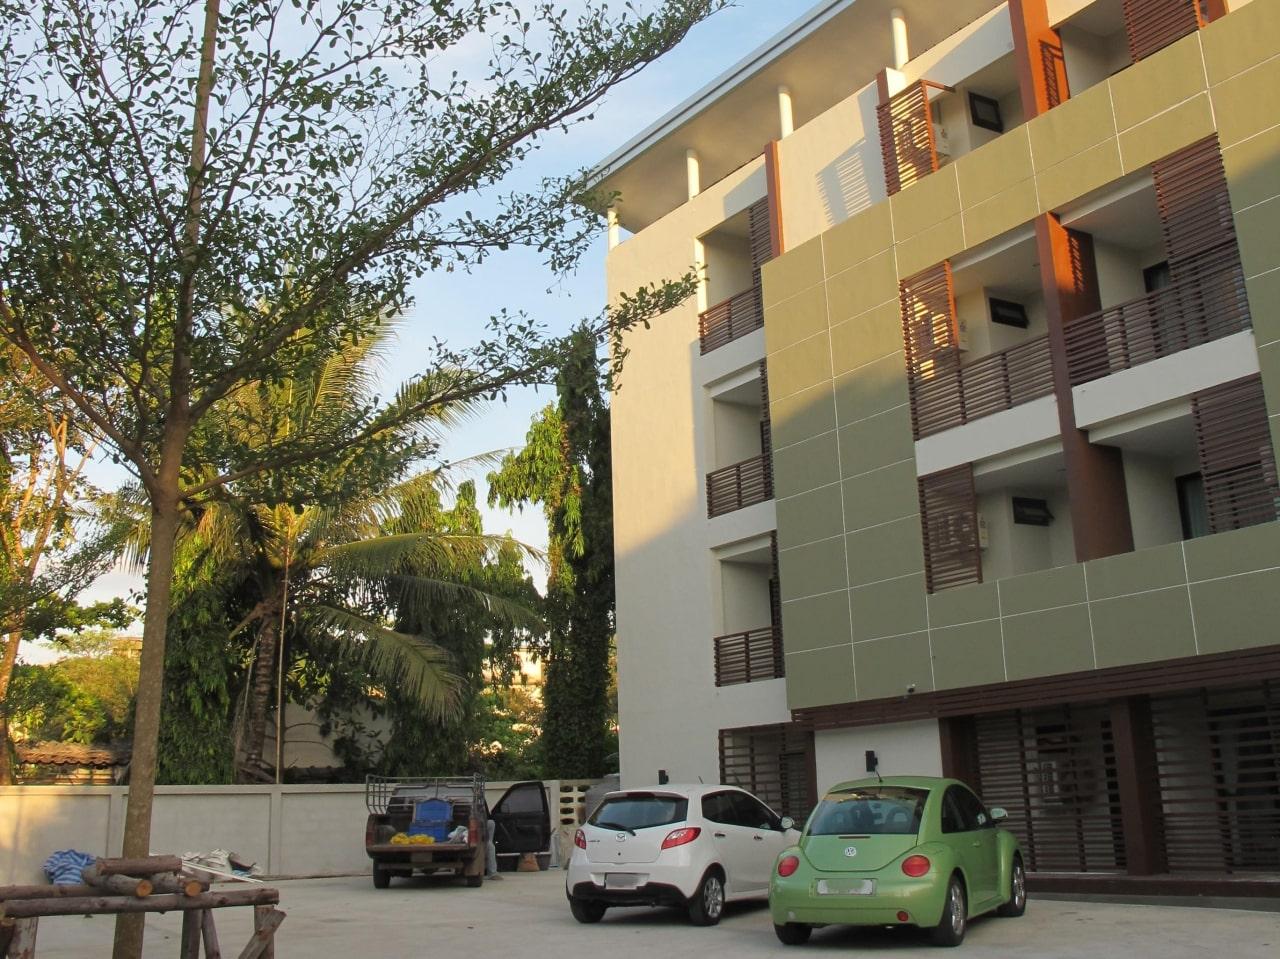 รีวิว!! 10 ที่พักจันทบุรีในตัวเมือง ใกล้ชุมชนริมน้ำ เริ่มต้นแค่คืนละ 350 บาท!